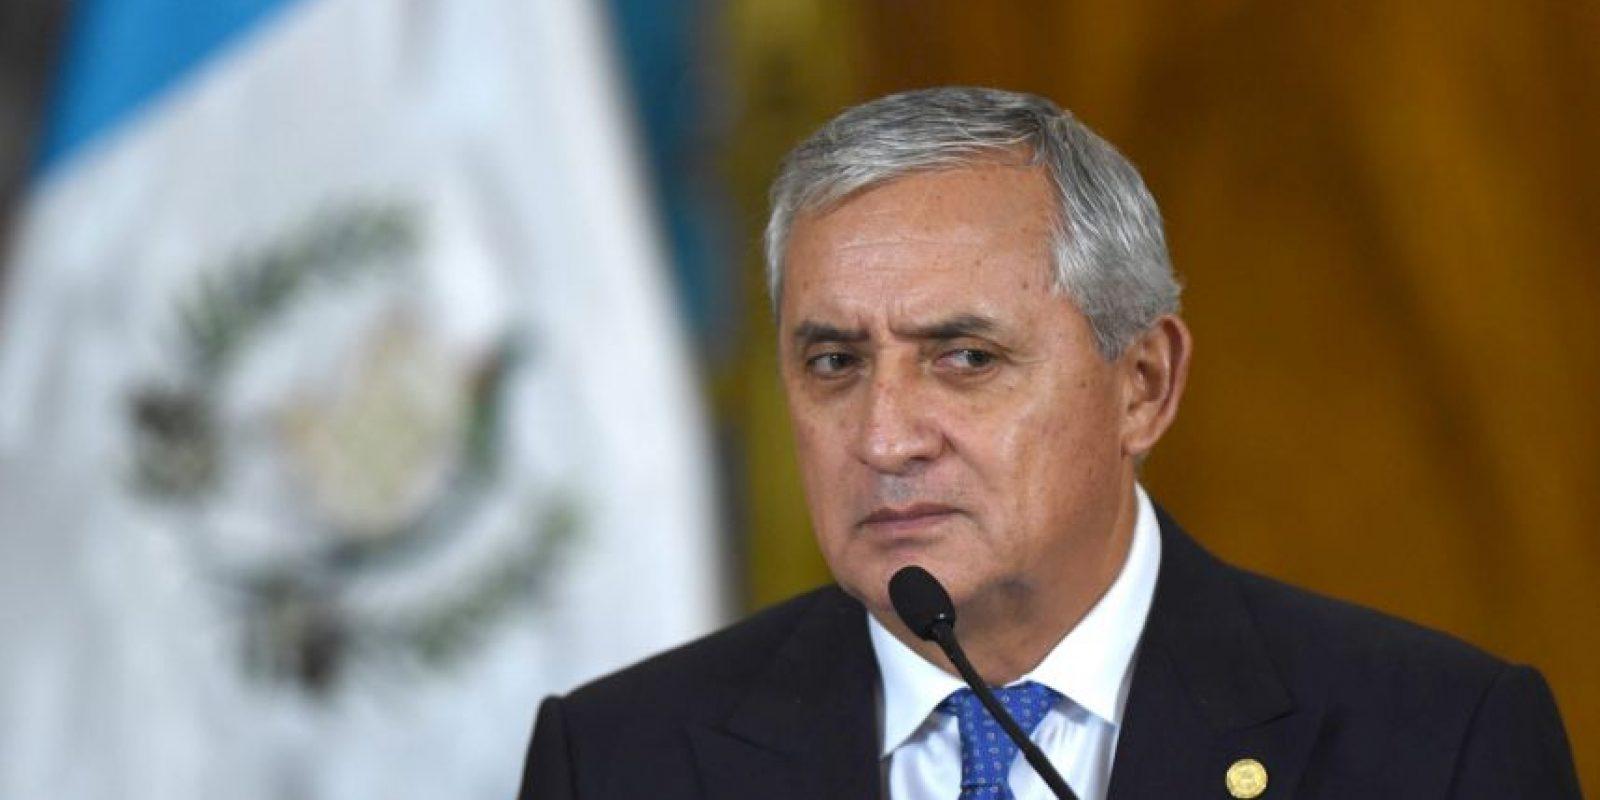 Durante esta madrugada, Otto Pérez Molina presentó su renuncia a la presidencia del país Foto:AFP